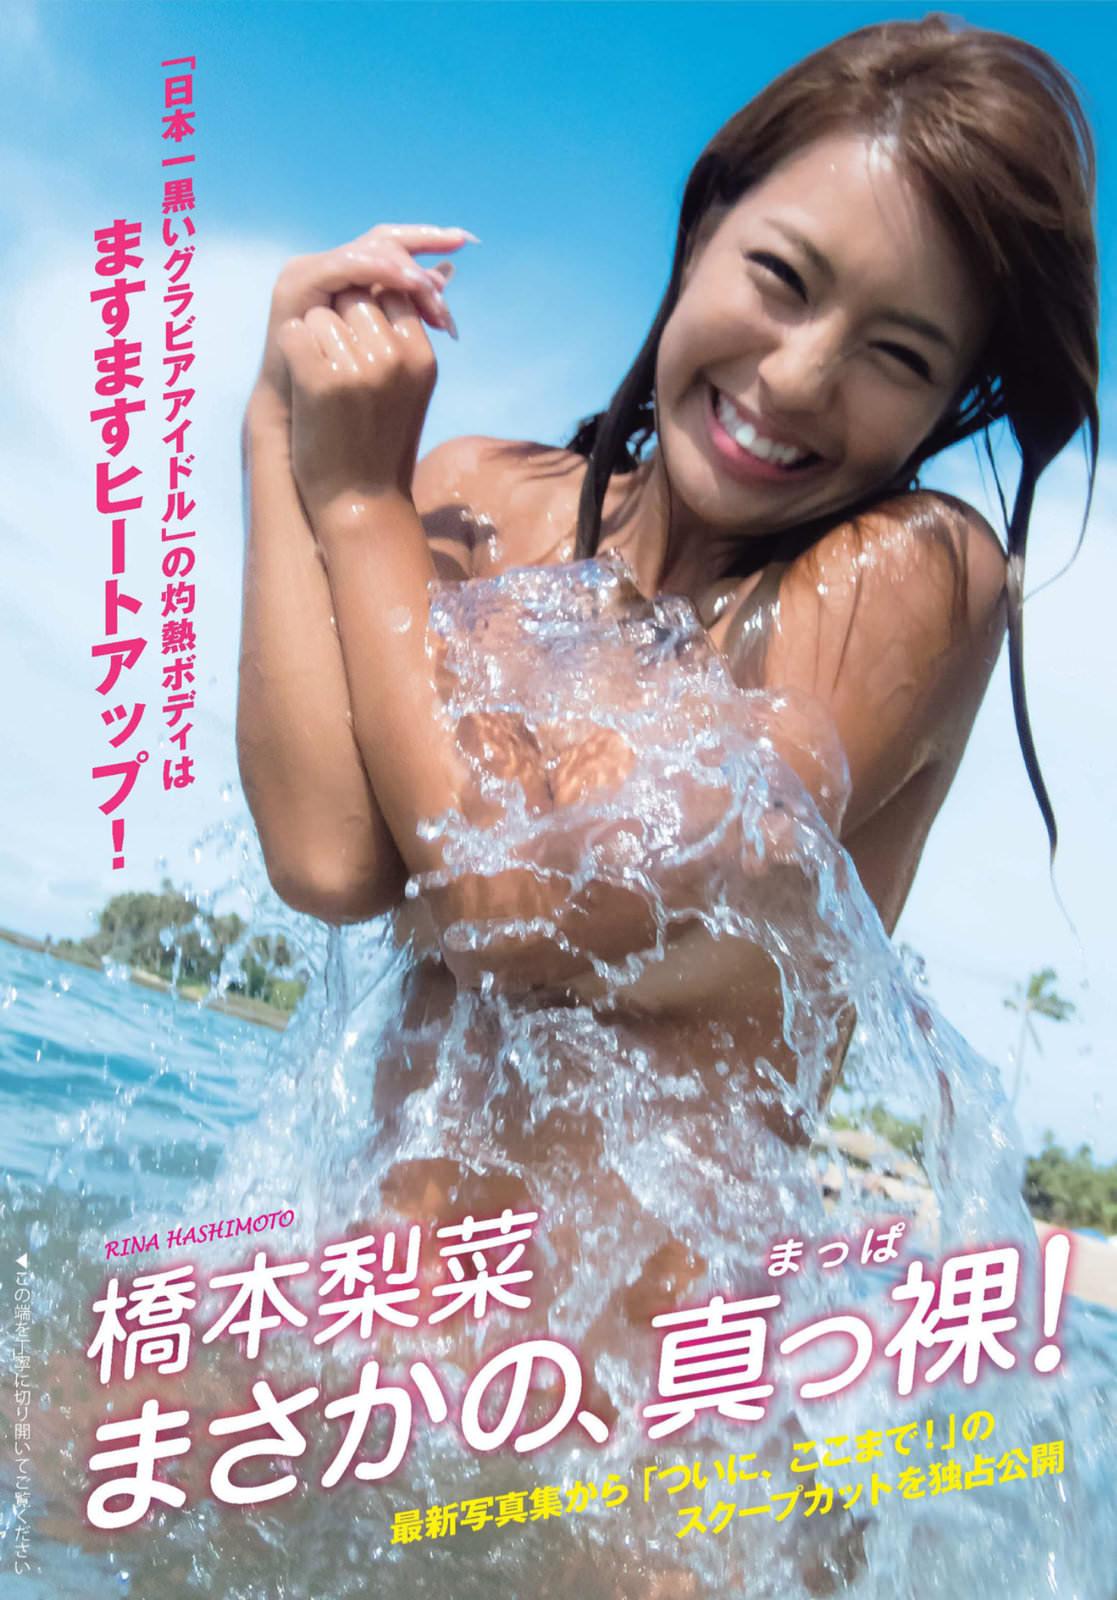 橋本○なさん今秋発売写真集でほぼ裸披露w